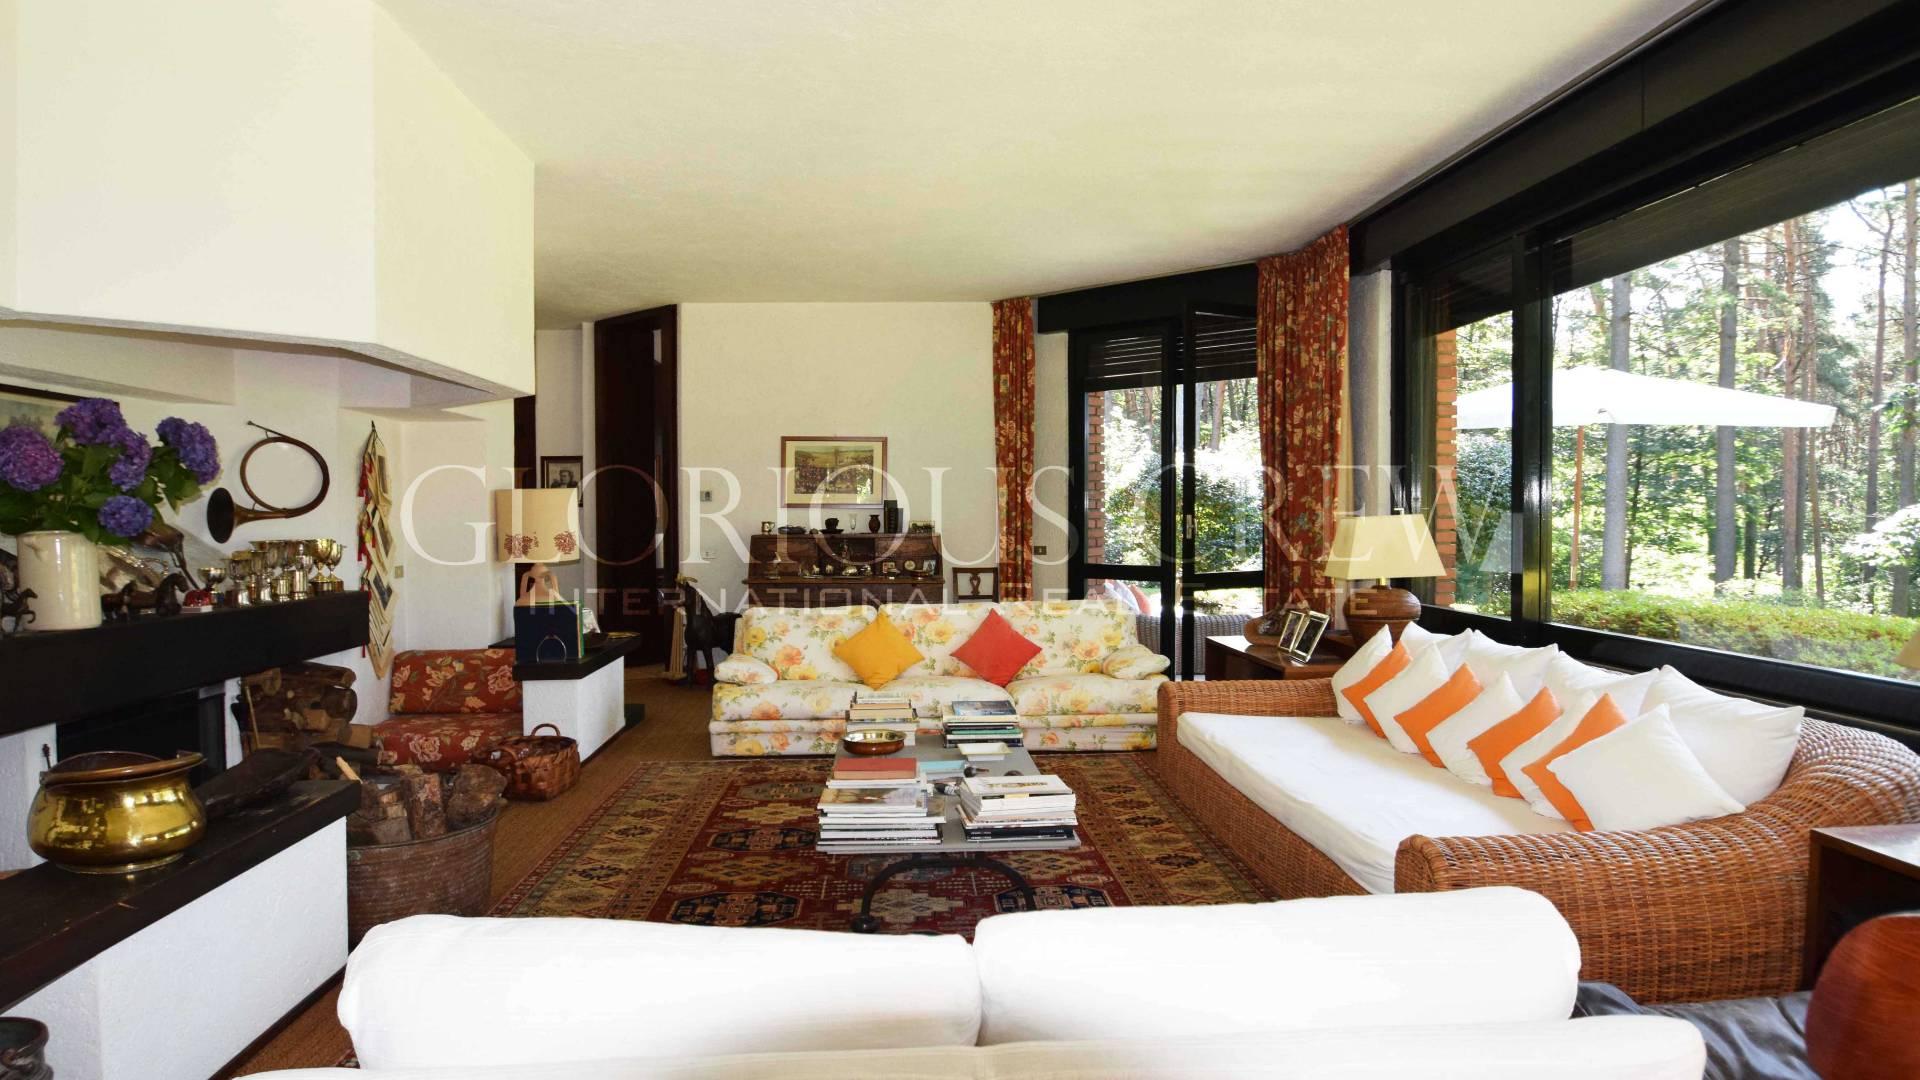 Villa in Vendita a Sesto Calende: 5 locali, 413 mq